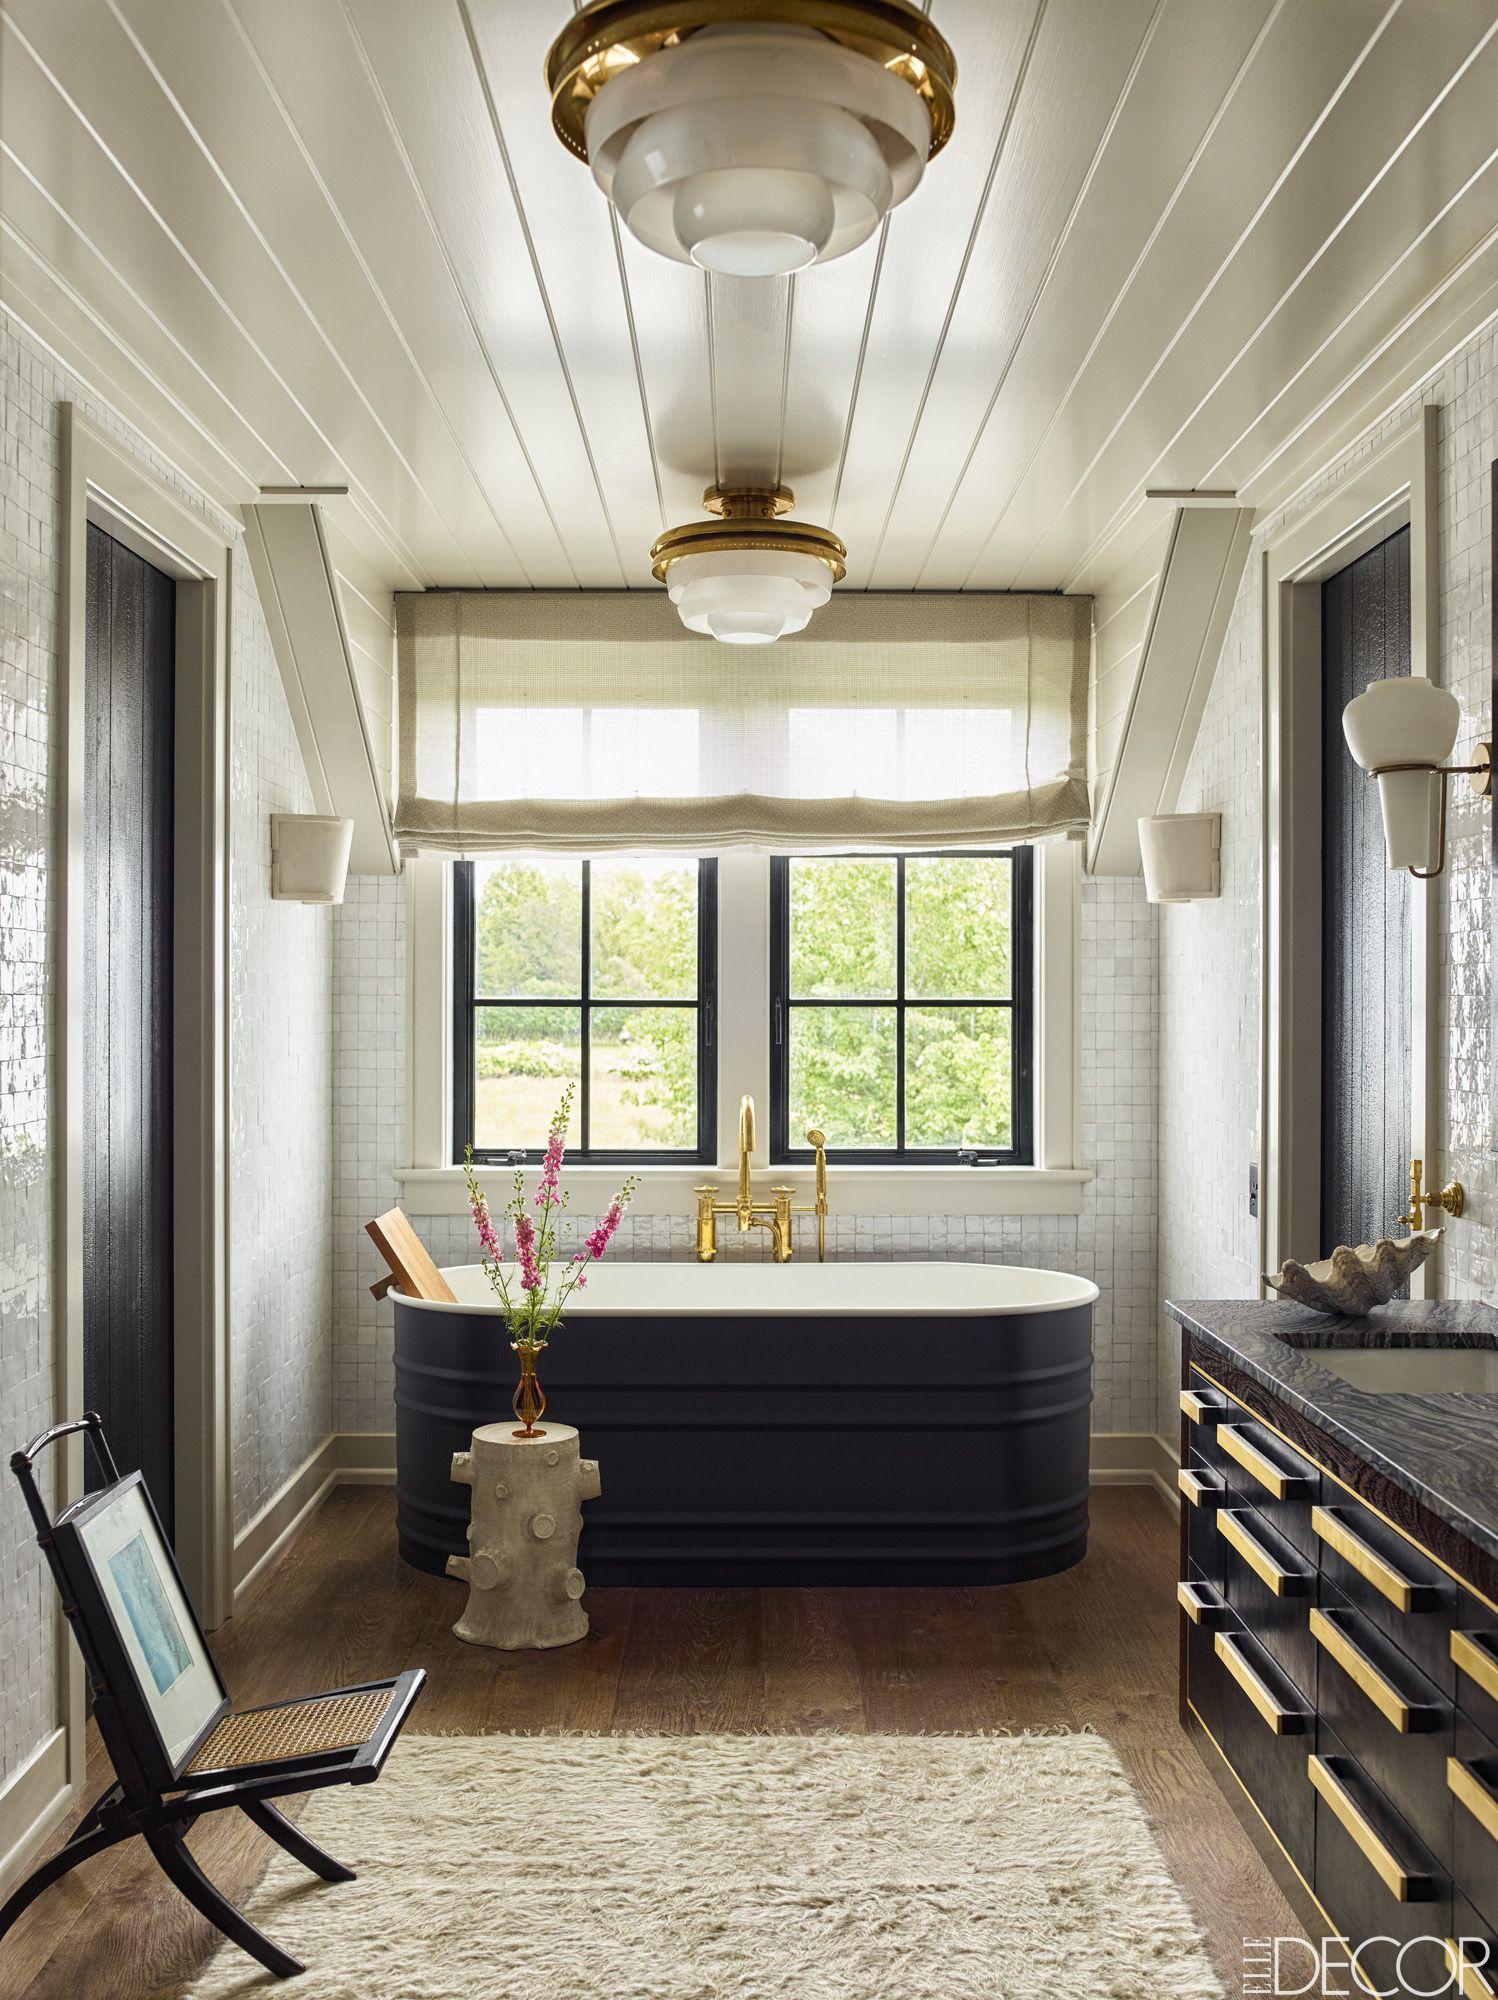 20 Ideas For Rustic Bathroom Decor Room Ideas